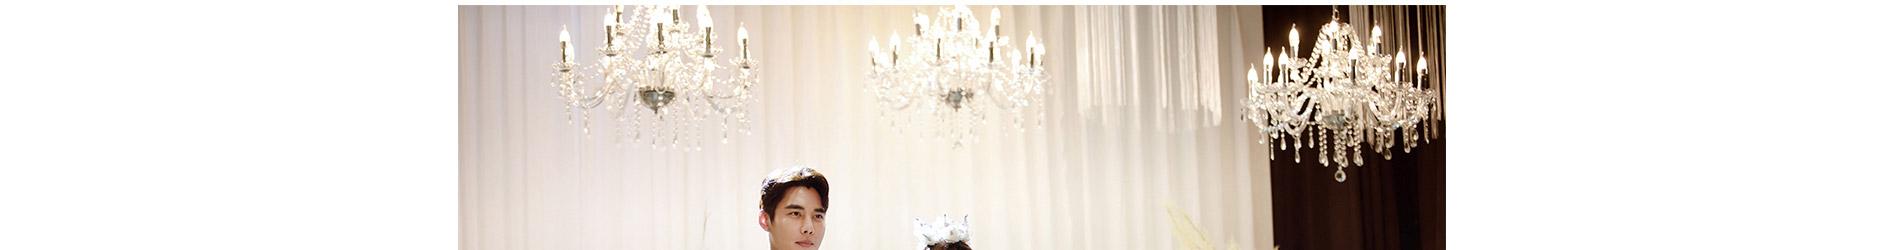 维也纳世纪婚礼馆